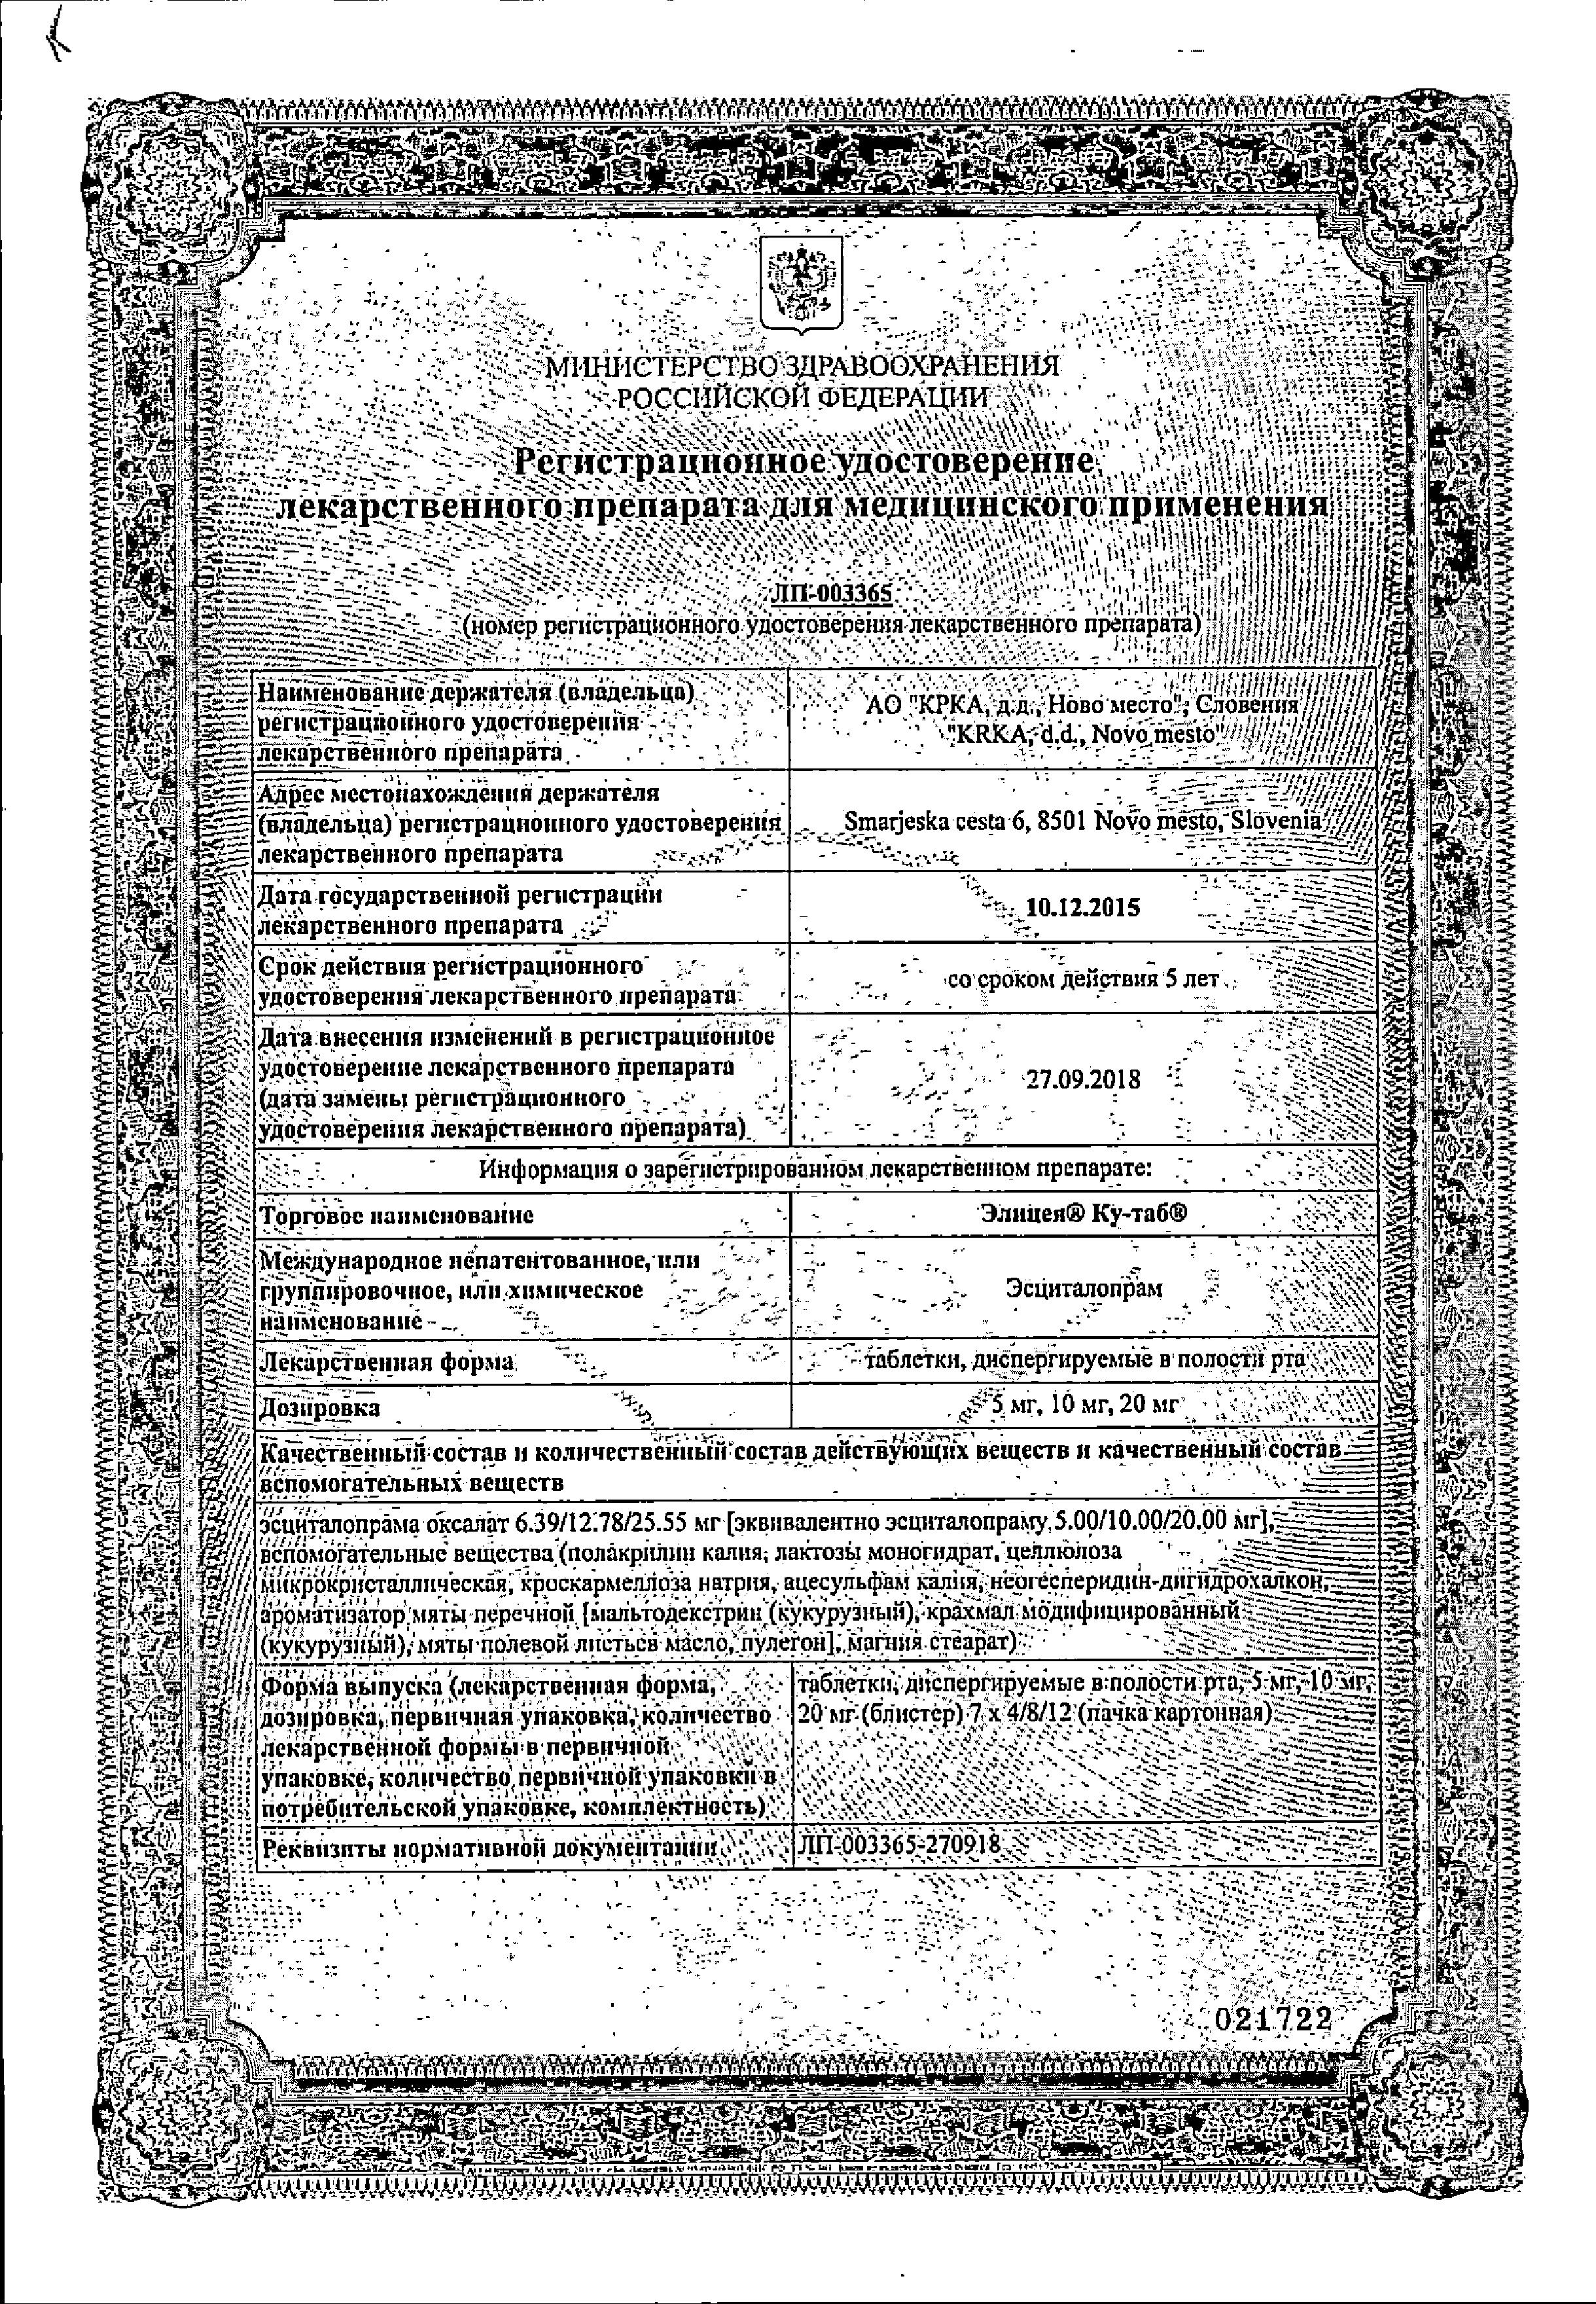 Элицея Ку-таб сертификат